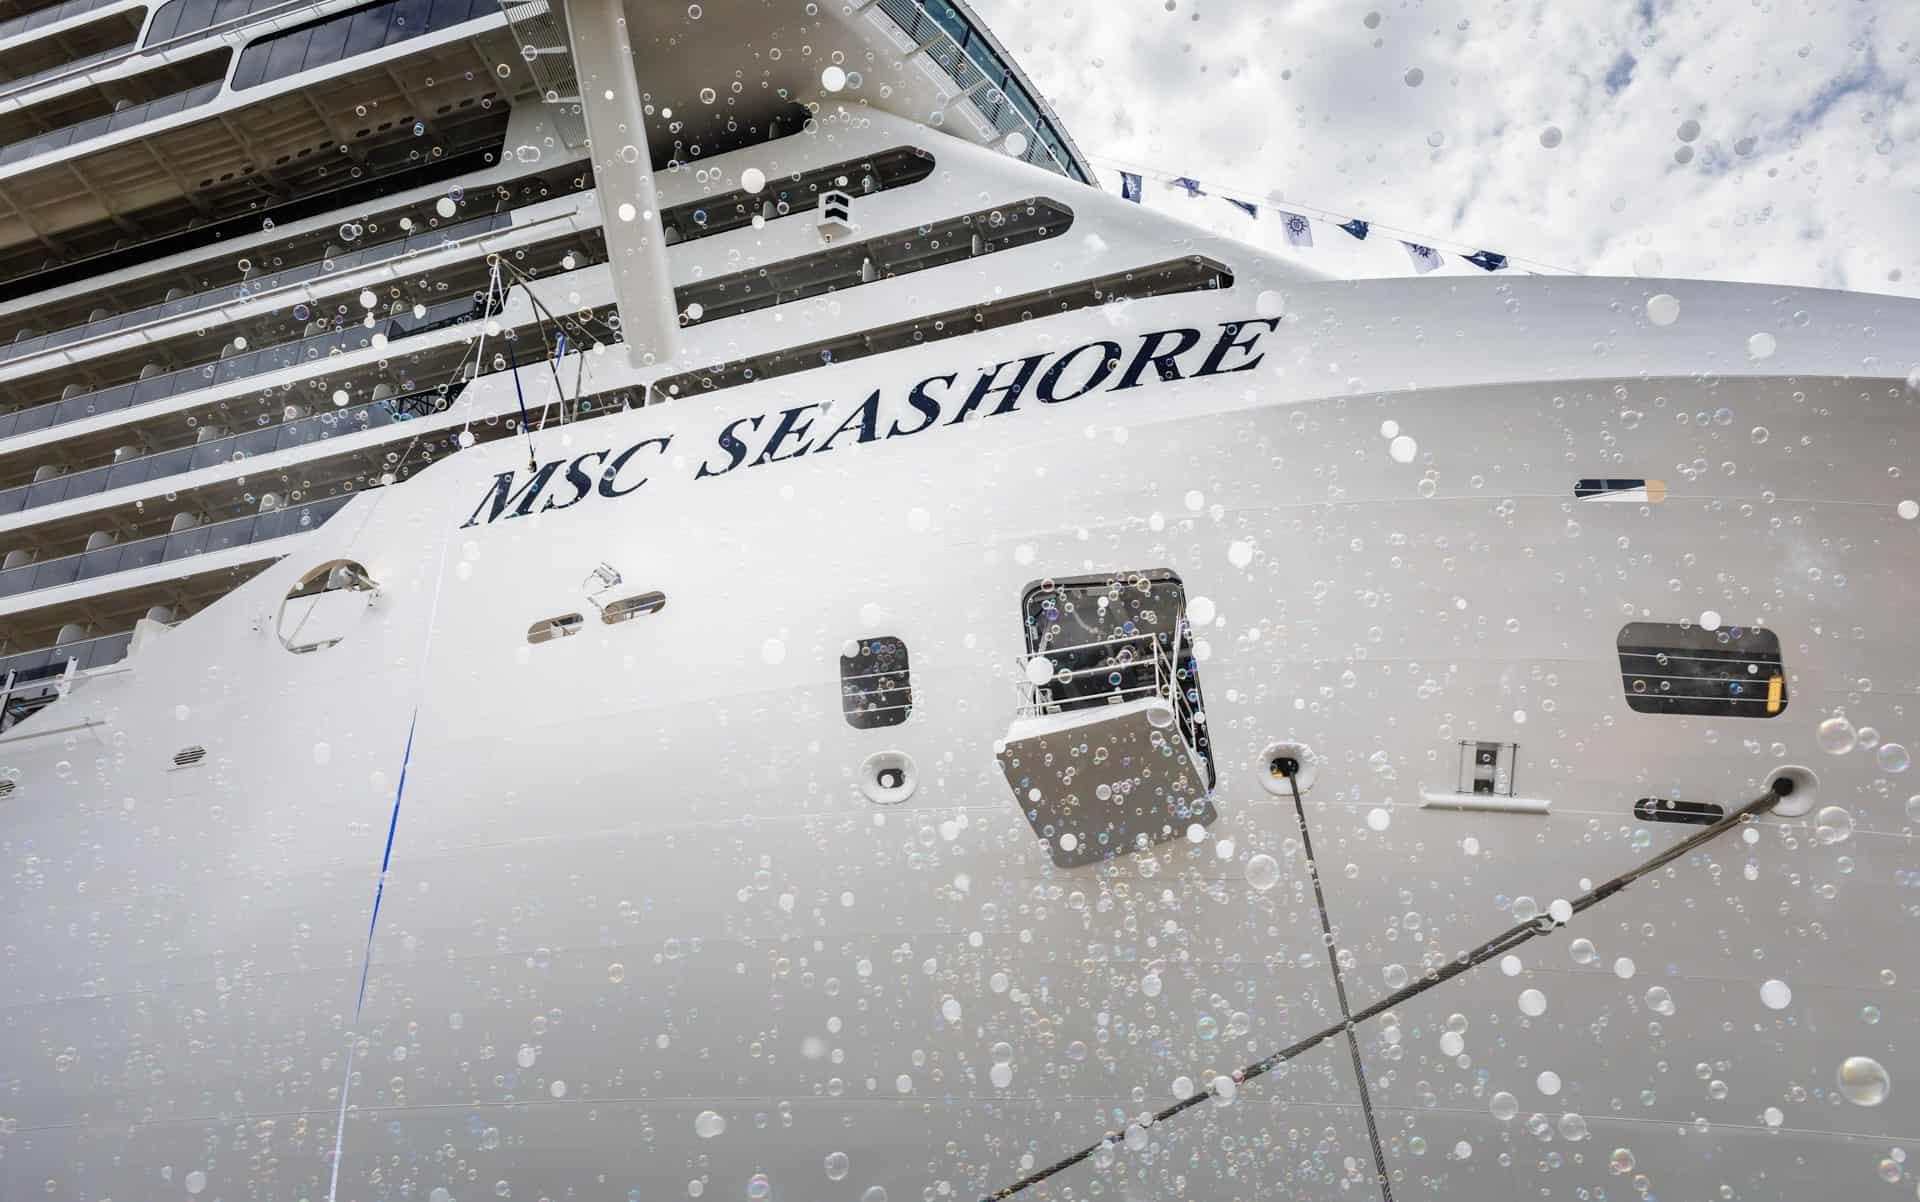 msc seashore delivery